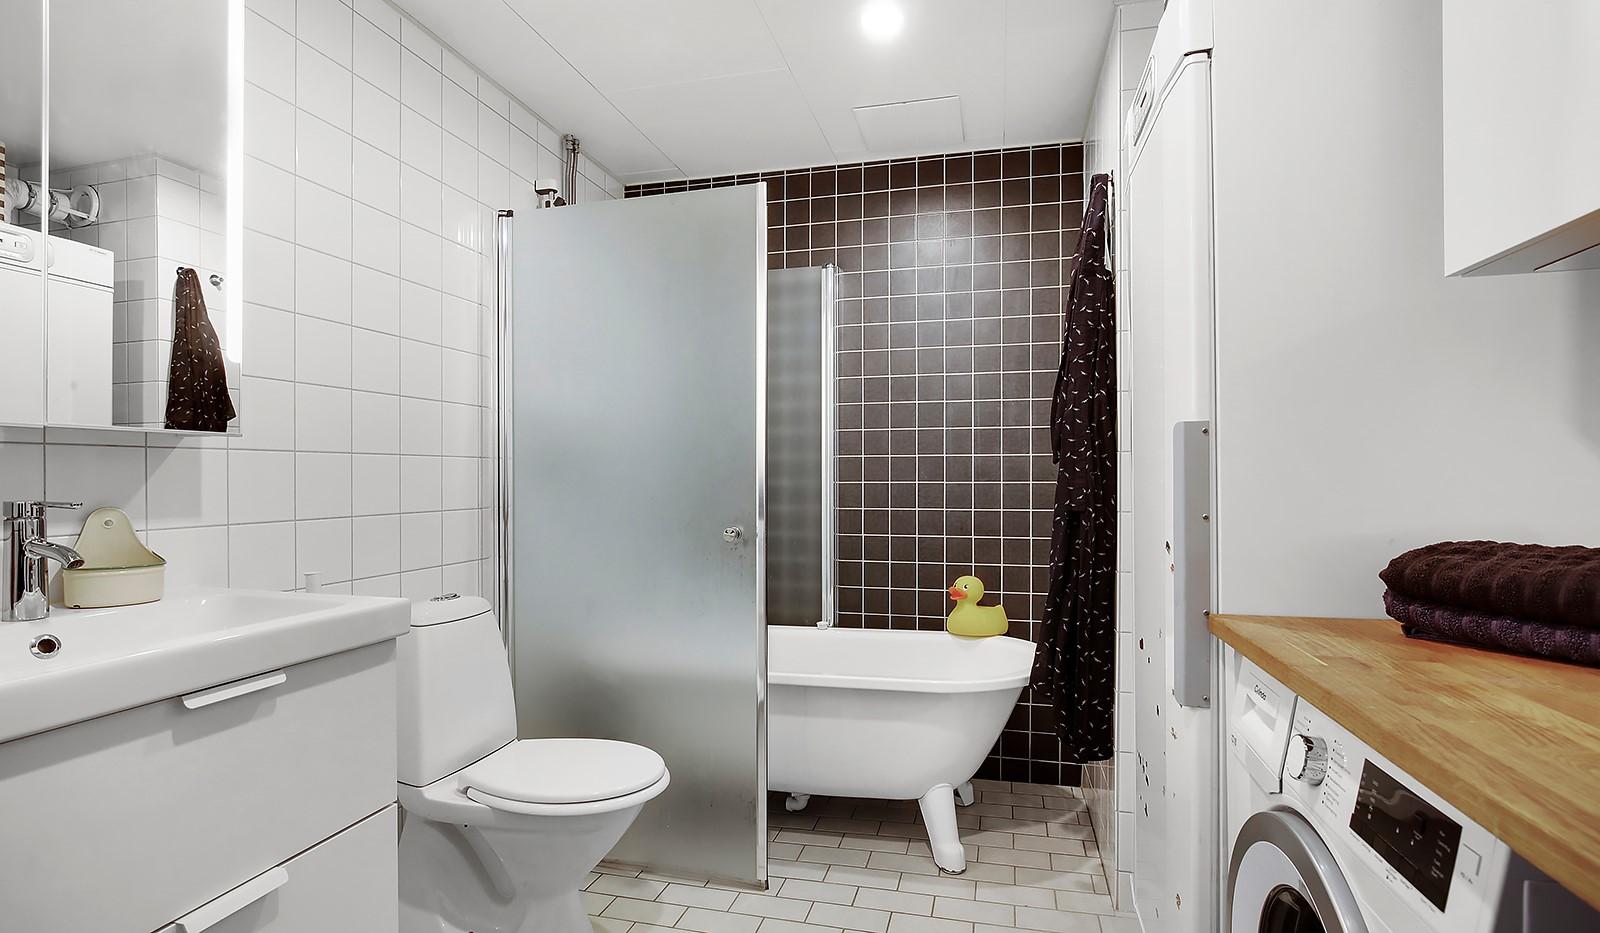 Vingårdsgatan 5, 3 tr - Helkaklat badrum med vacker bänkskiva i trä, tvättmaskin och torkskåp